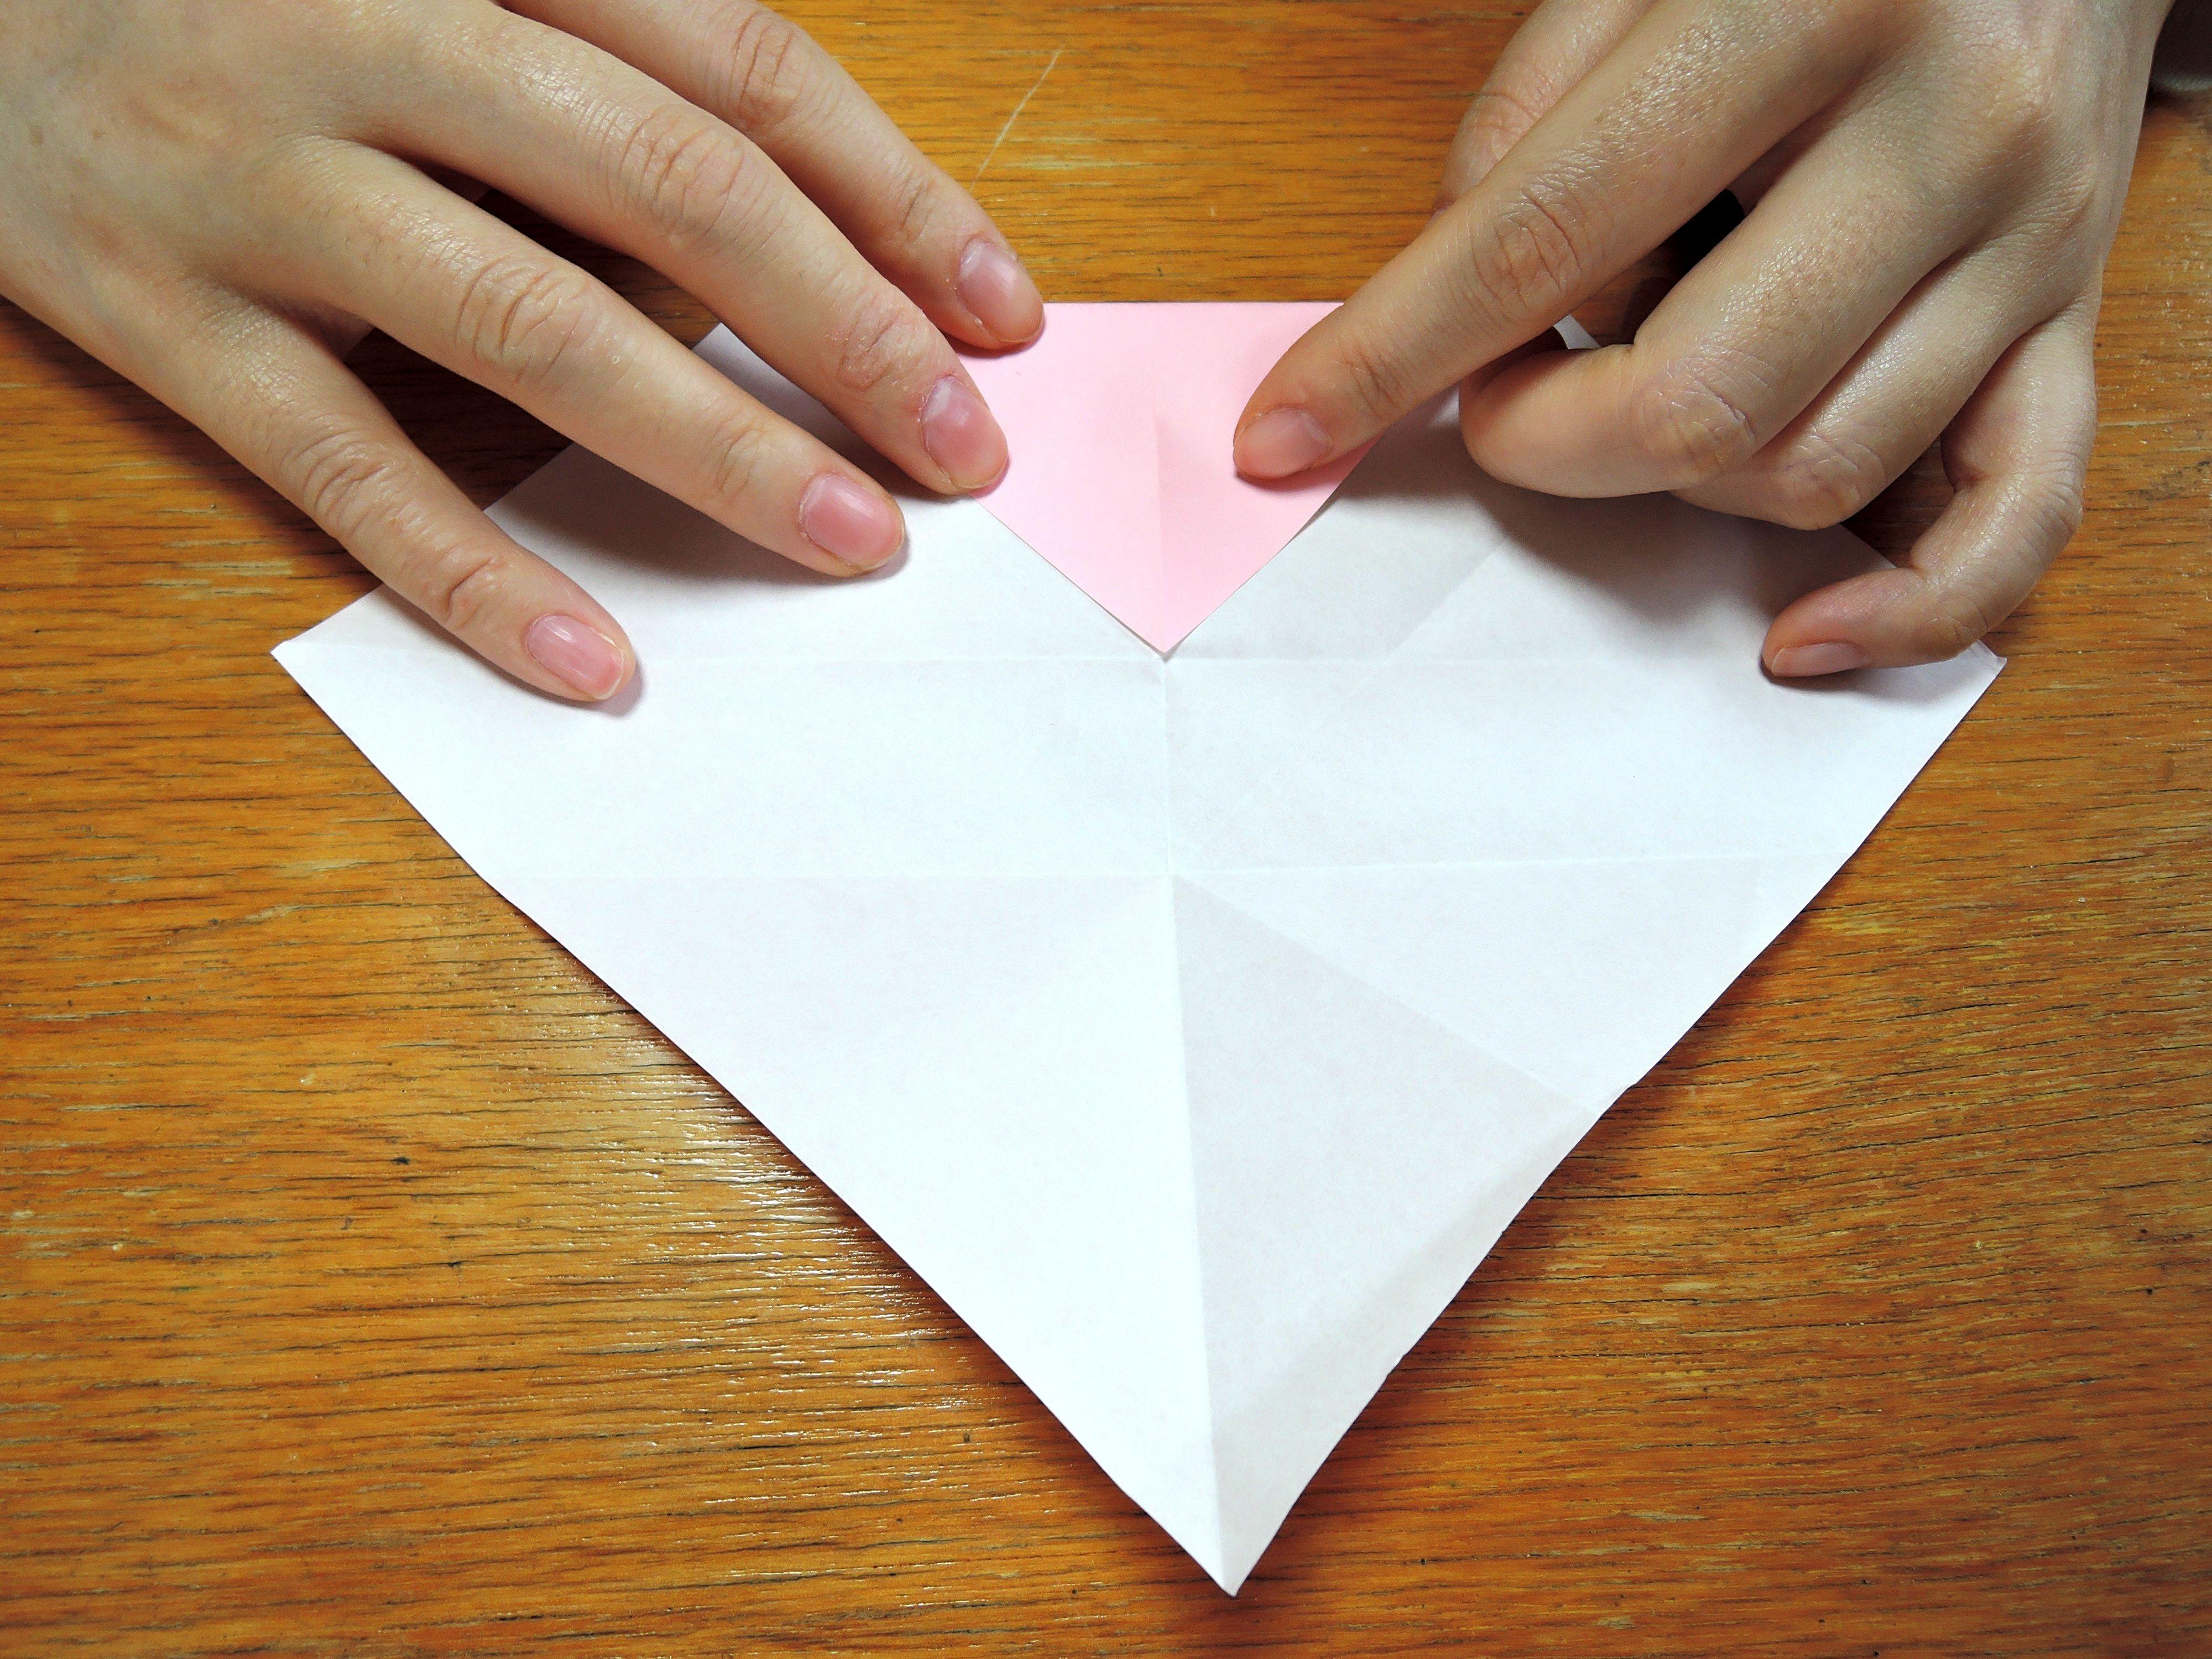 すべての折り紙 折り紙 鬼 折り方 : 超簡単!折り紙ハートの折り方 ...